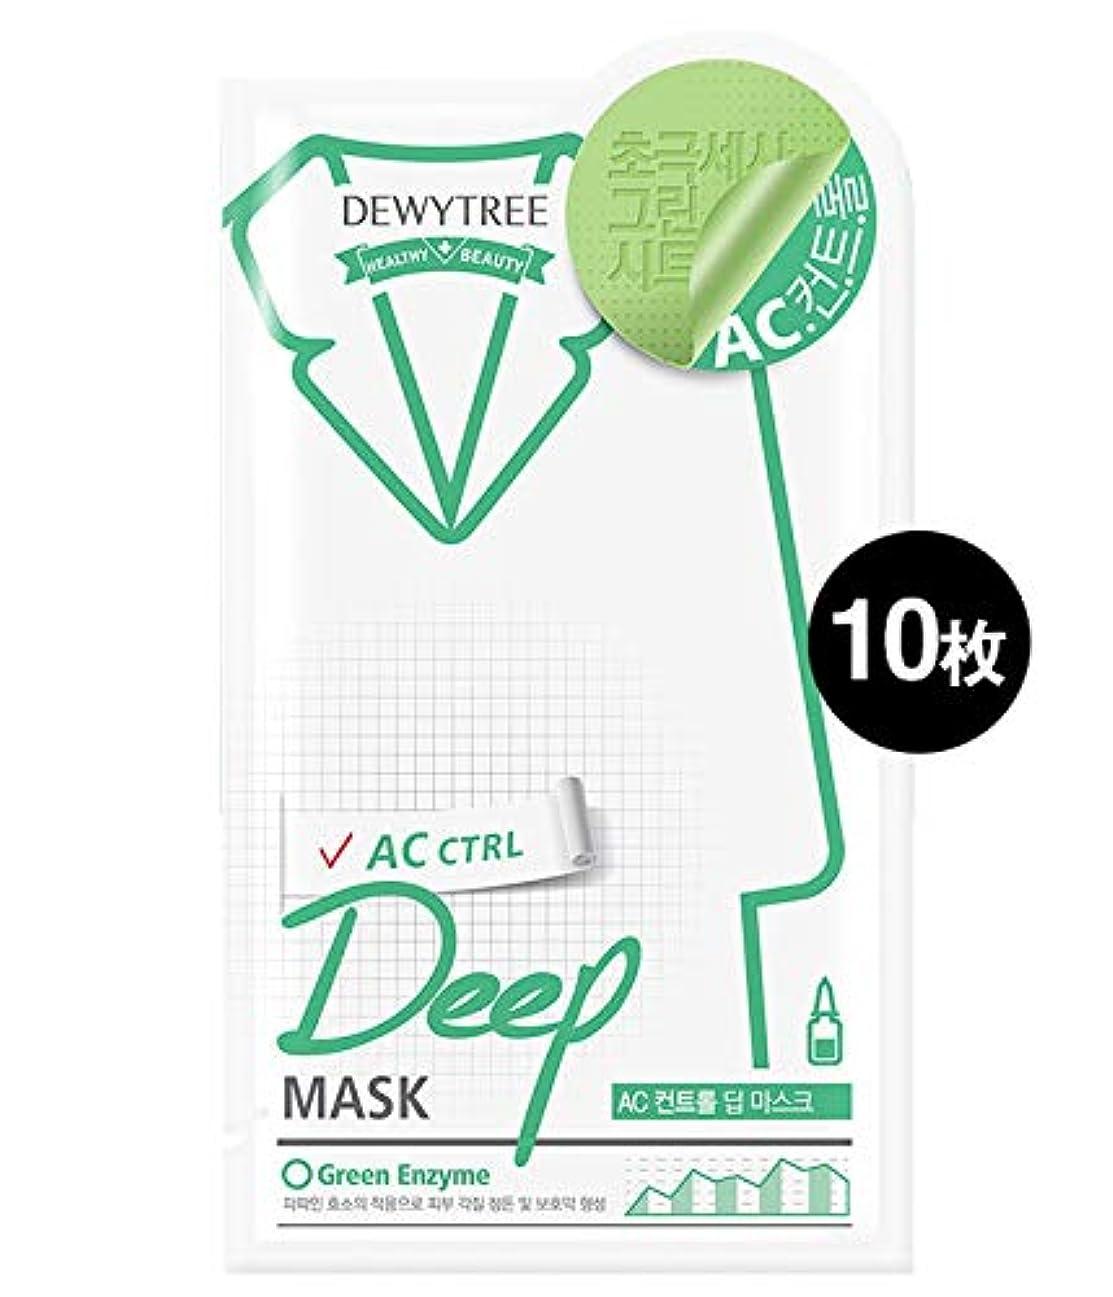 かろうじてコンクリートオン(デューイトゥリー) DEWYTREE ACコントロールディープマスク 10枚 AC Control Deep Mask 韓国マスクパック (並行輸入品)